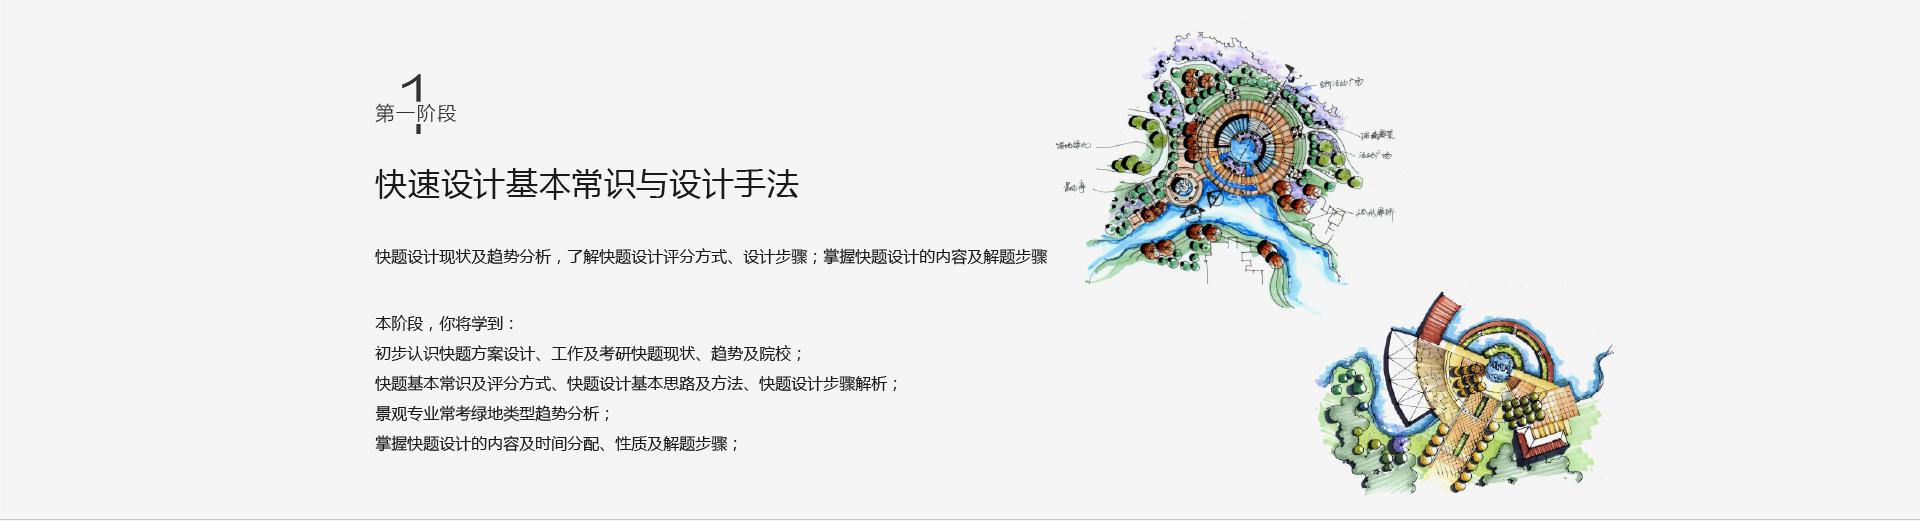 景观快题_05.jpg